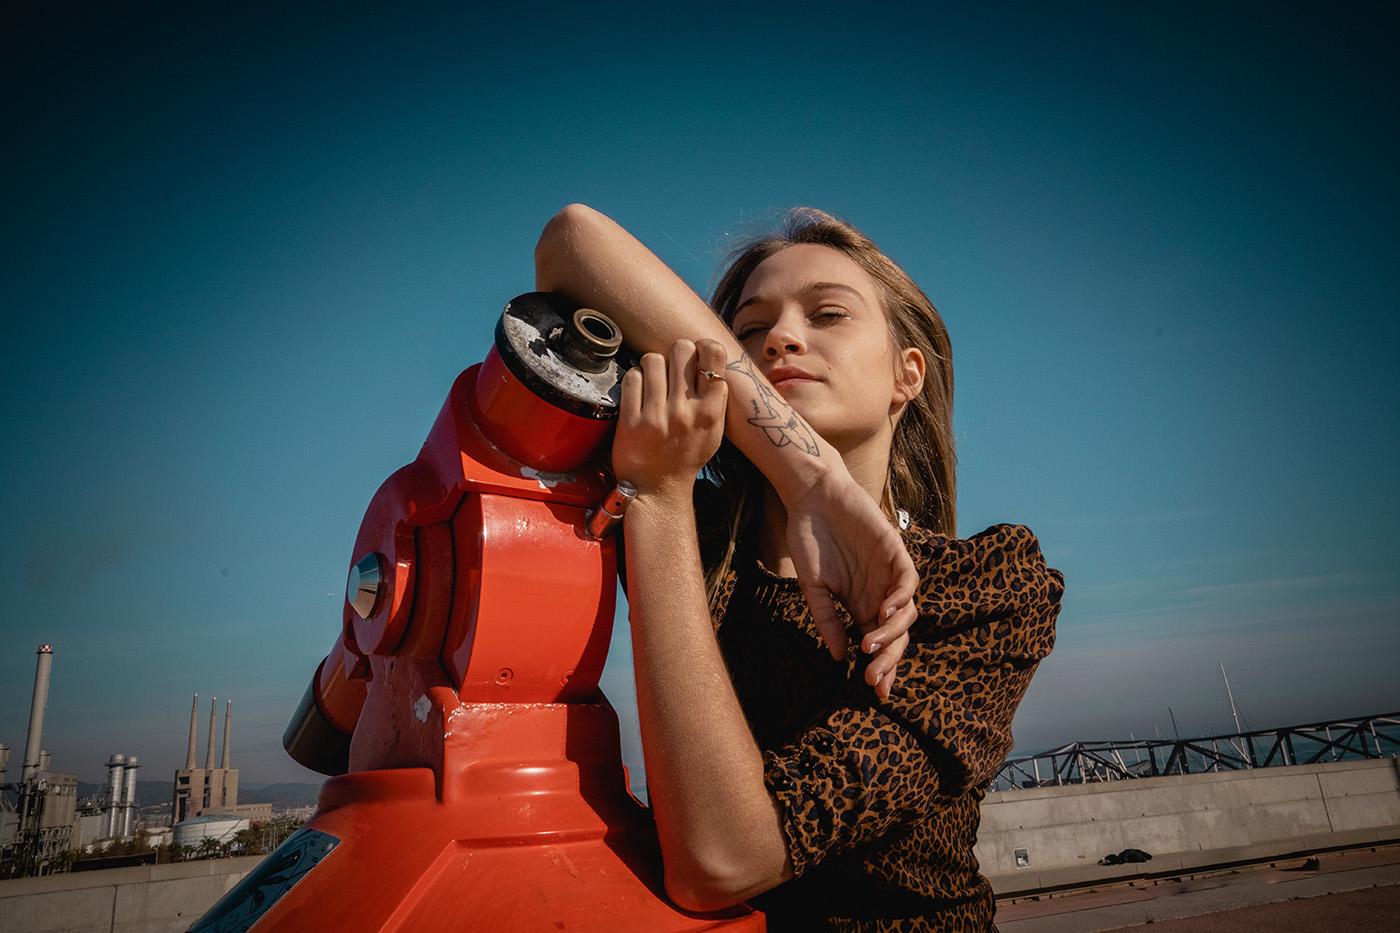 Fotos de Maria Casas Llargués Reportaje fotográfico en Fòrum Barcelona, Sesión de fotos de moda, fotos mariacasasfoto